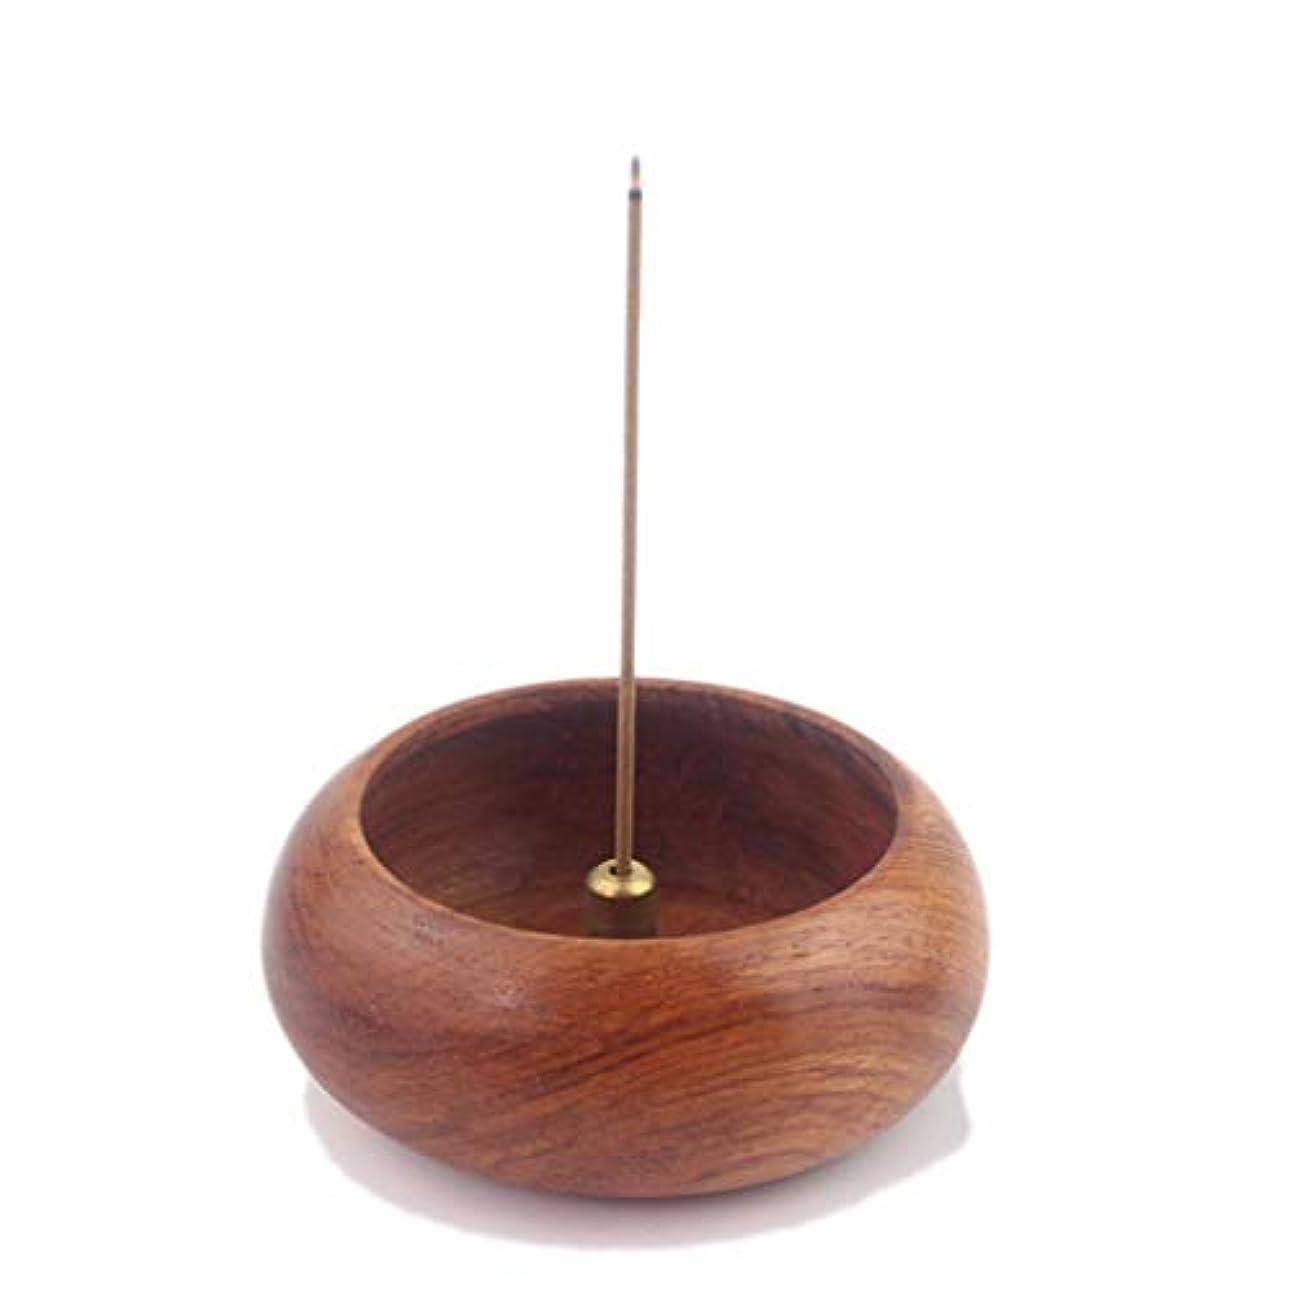 入射二次素朴なローズウッドボウル型香炉ホルダーキャンドルアロマセラピー炉香ホルダーホームリビングルーム香バーナー装飾 (Color : Wood, サイズ : 6.2*2.4cm)